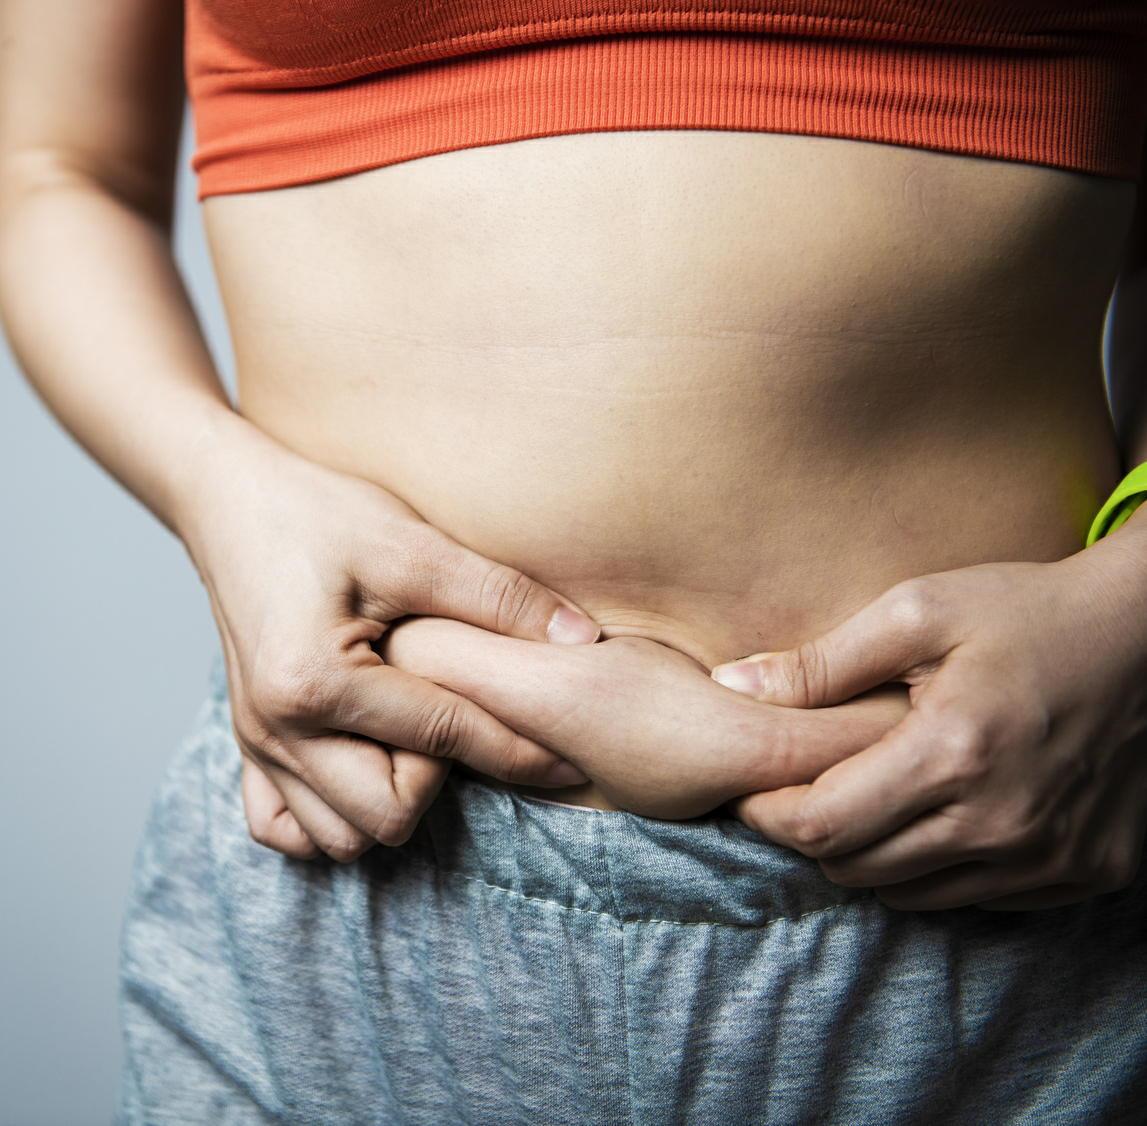 肥満でなくても「高コレステロール」に注意 日本人を30年調査 滋賀医大